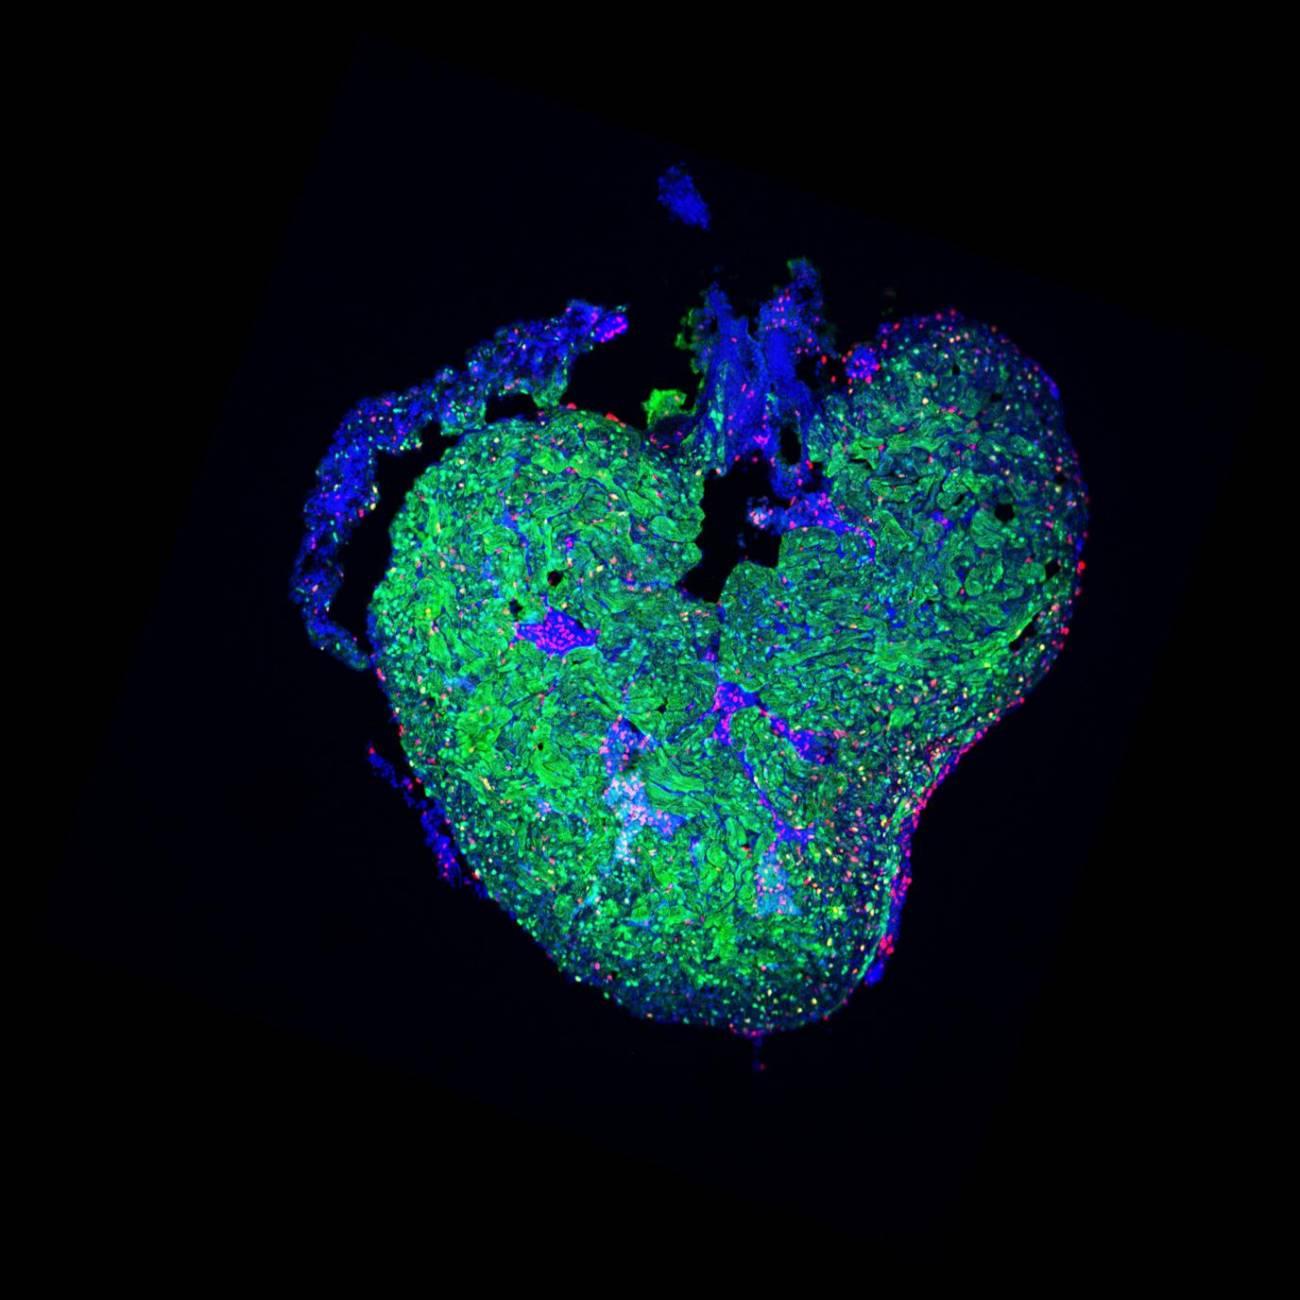 En la imagen, el corazón de un pez cebra 14 días después de sufrir la amputación.